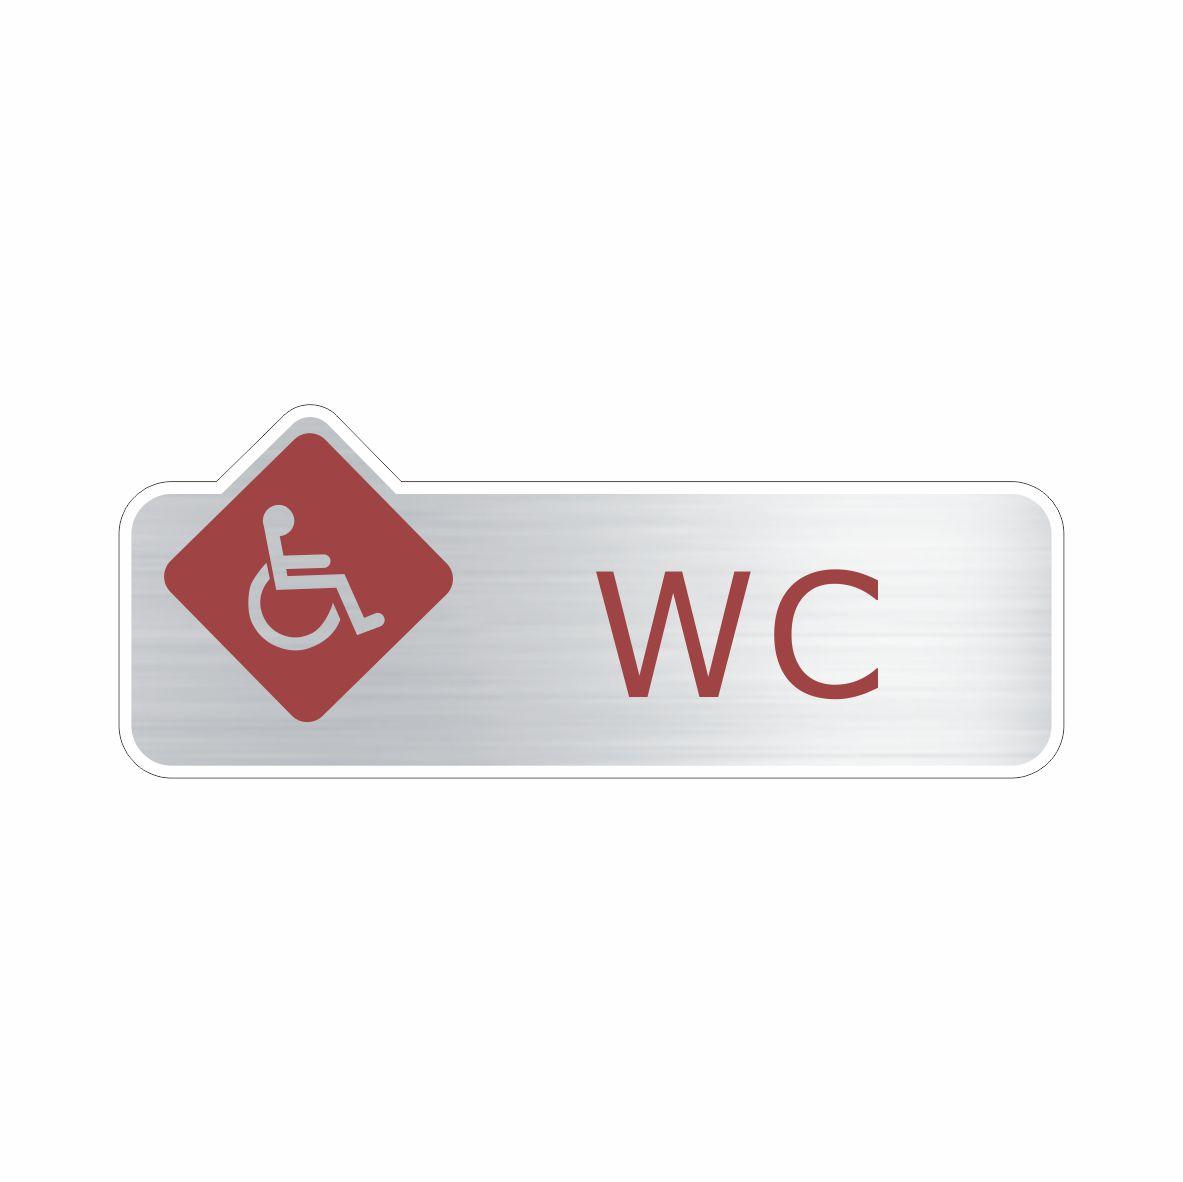 WC Acessível  - Towbar Sinalização de Segurança